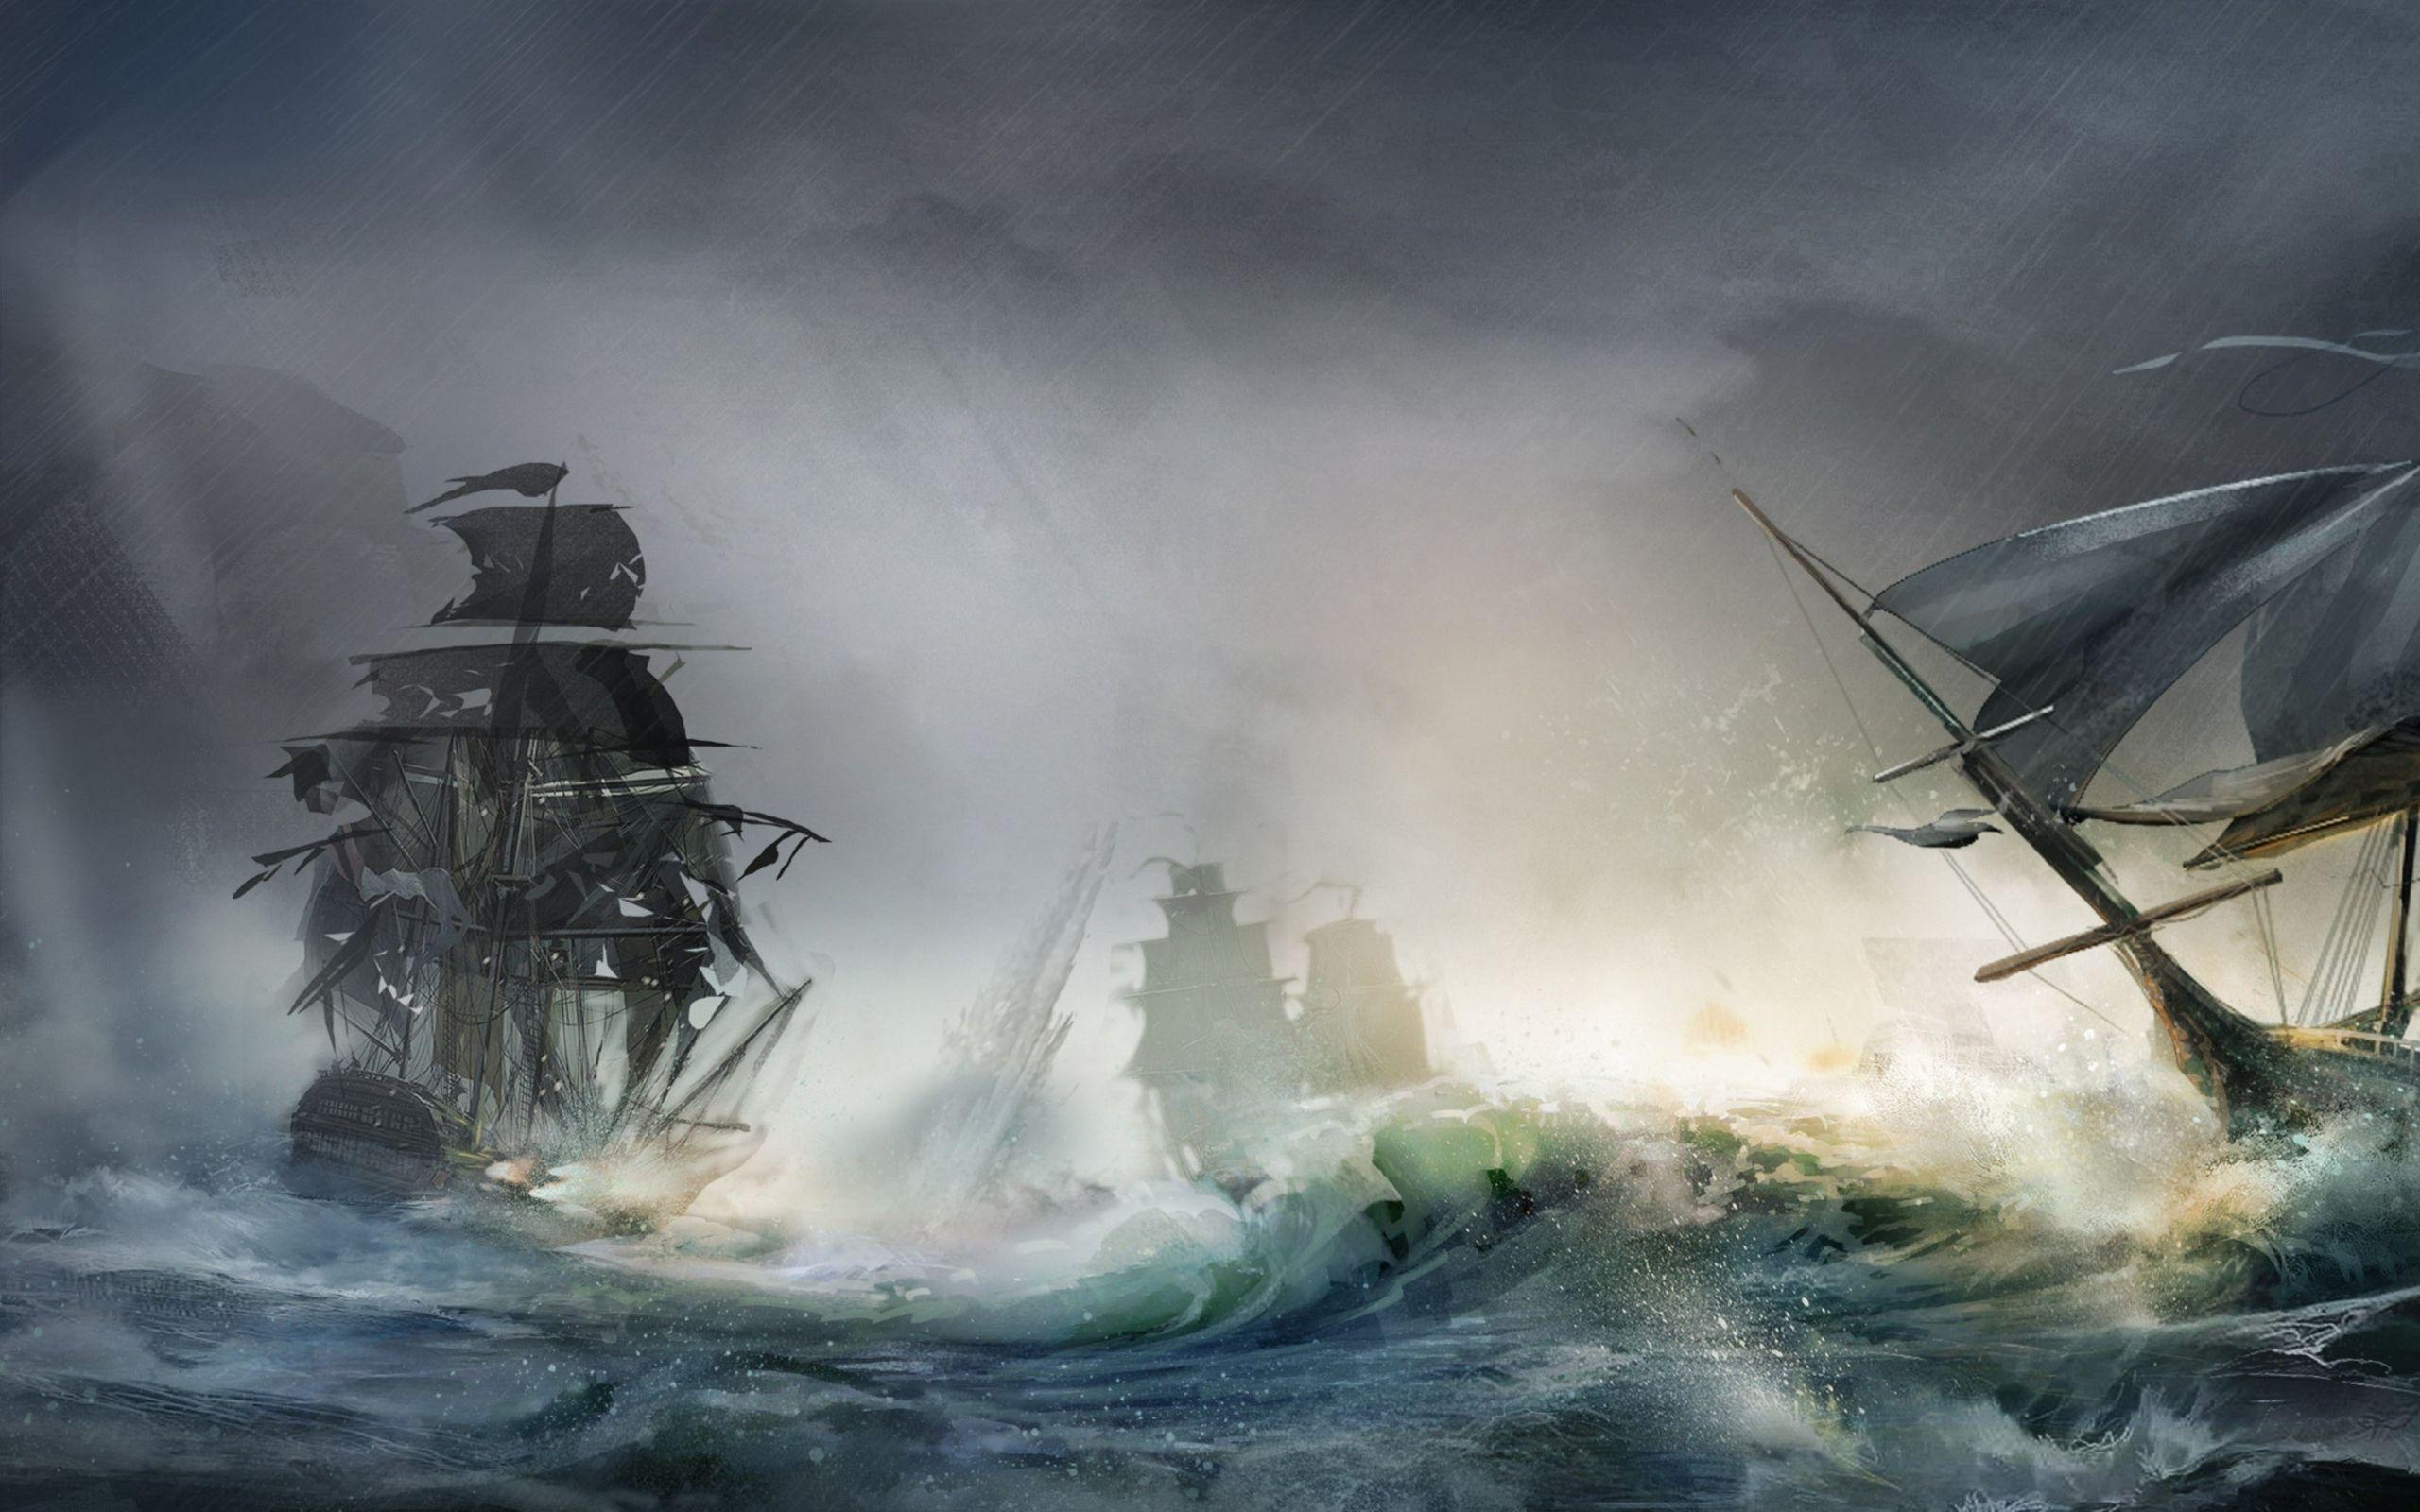 ocean storms ocean sea storm ships artwork civil war